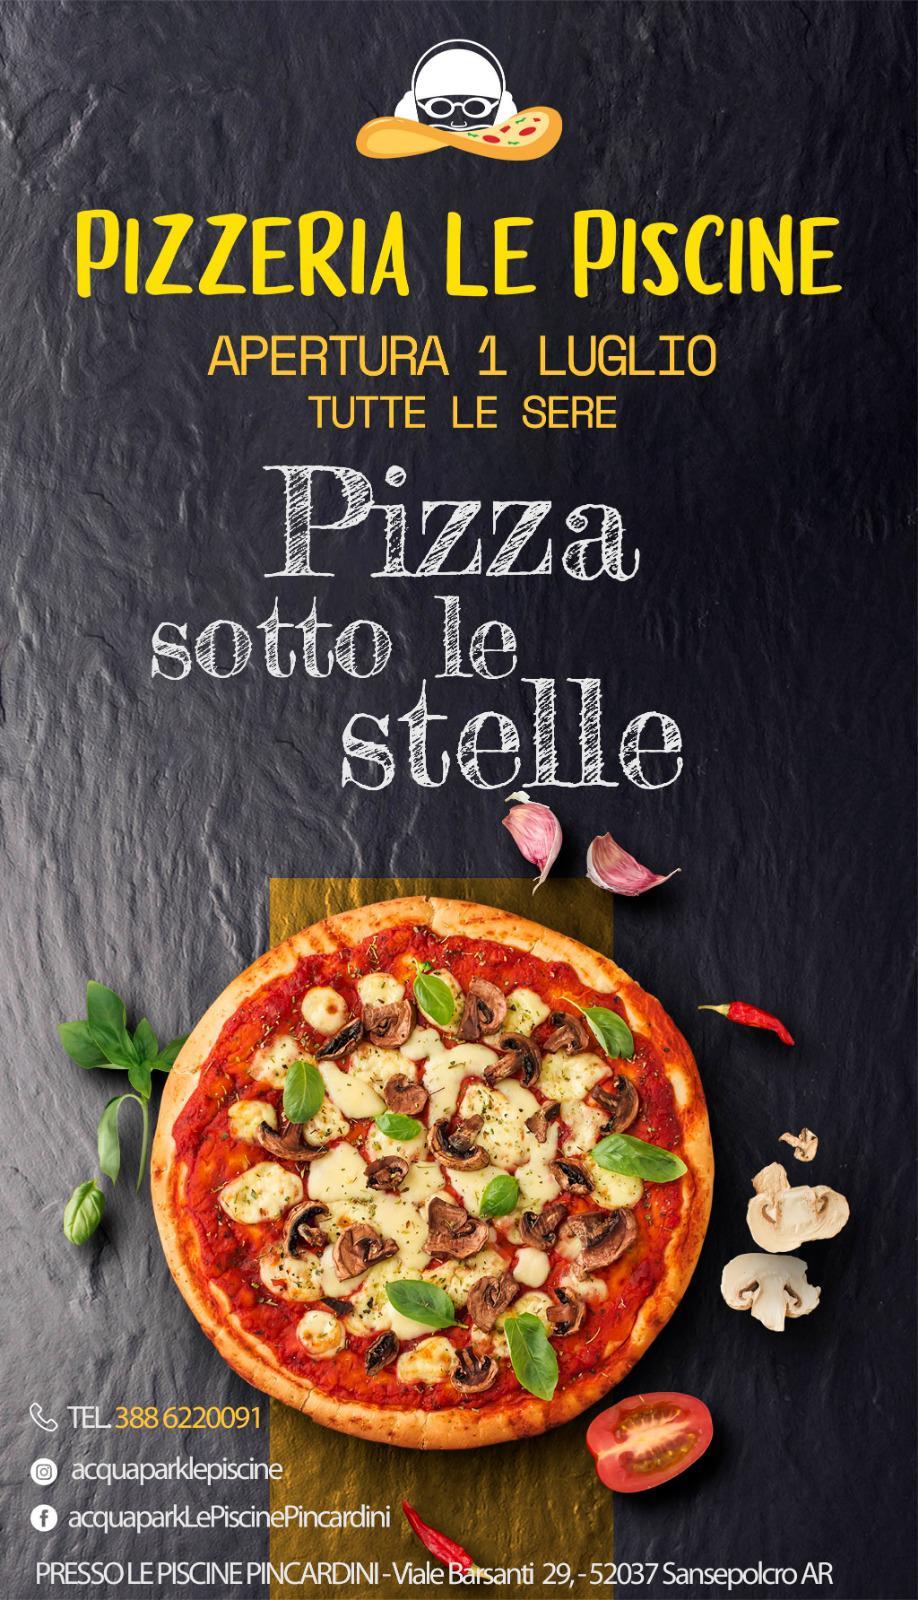 Pizzeria-Le-Piscine Pizzeria Le Piscine